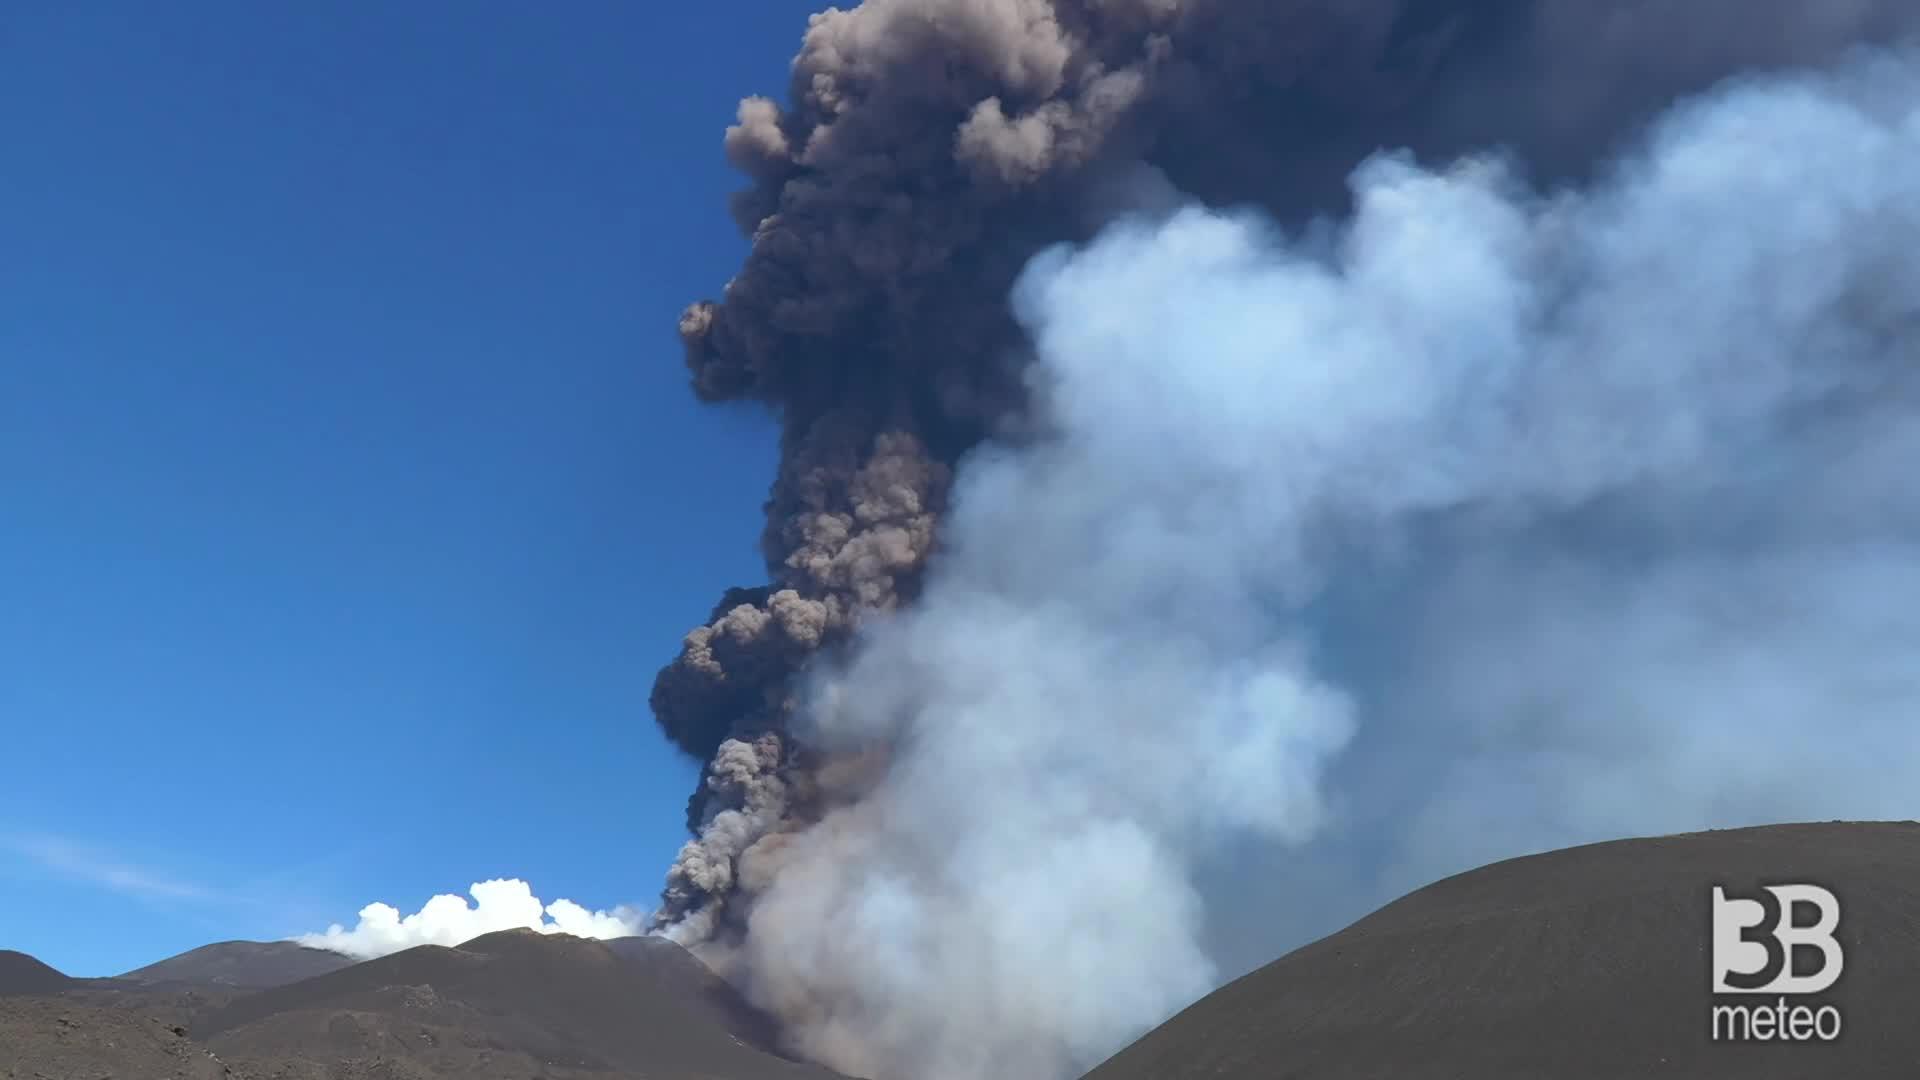 Etna, fumo bianco e nero: colonne si innalzano nel cielo